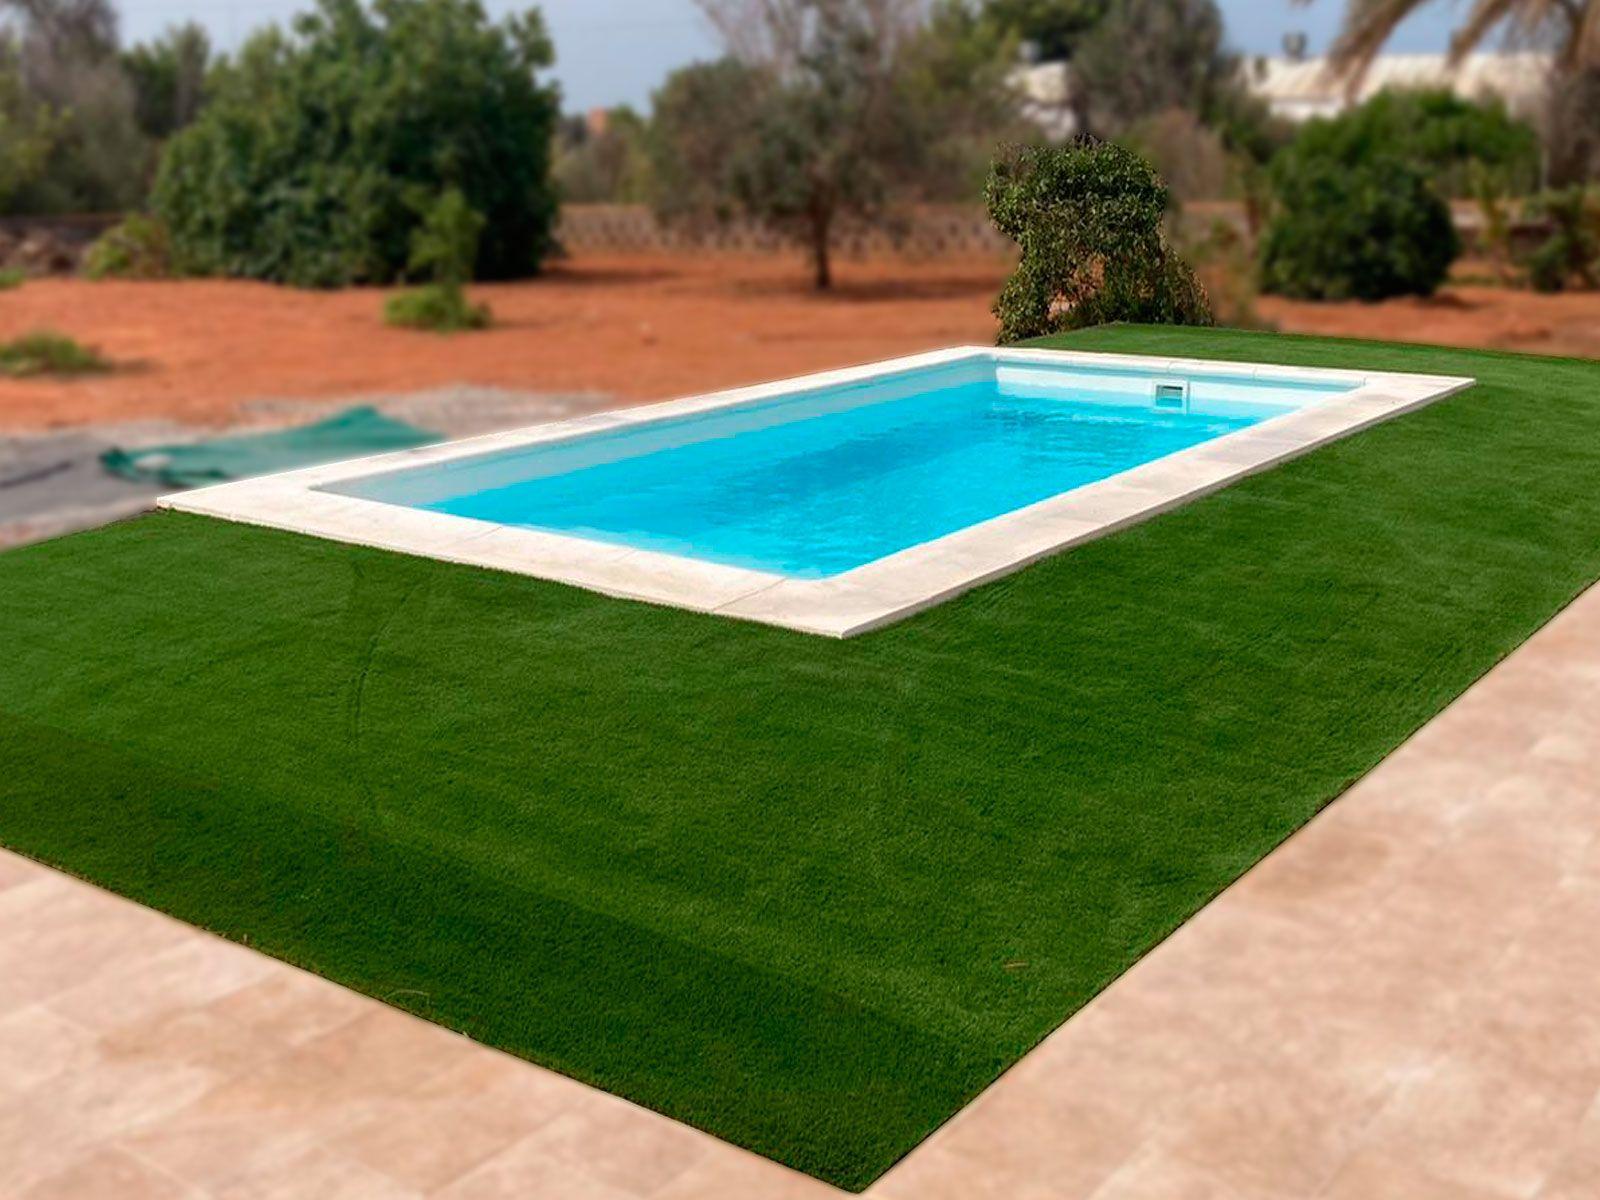 Jardín de la piscina en césped artificial